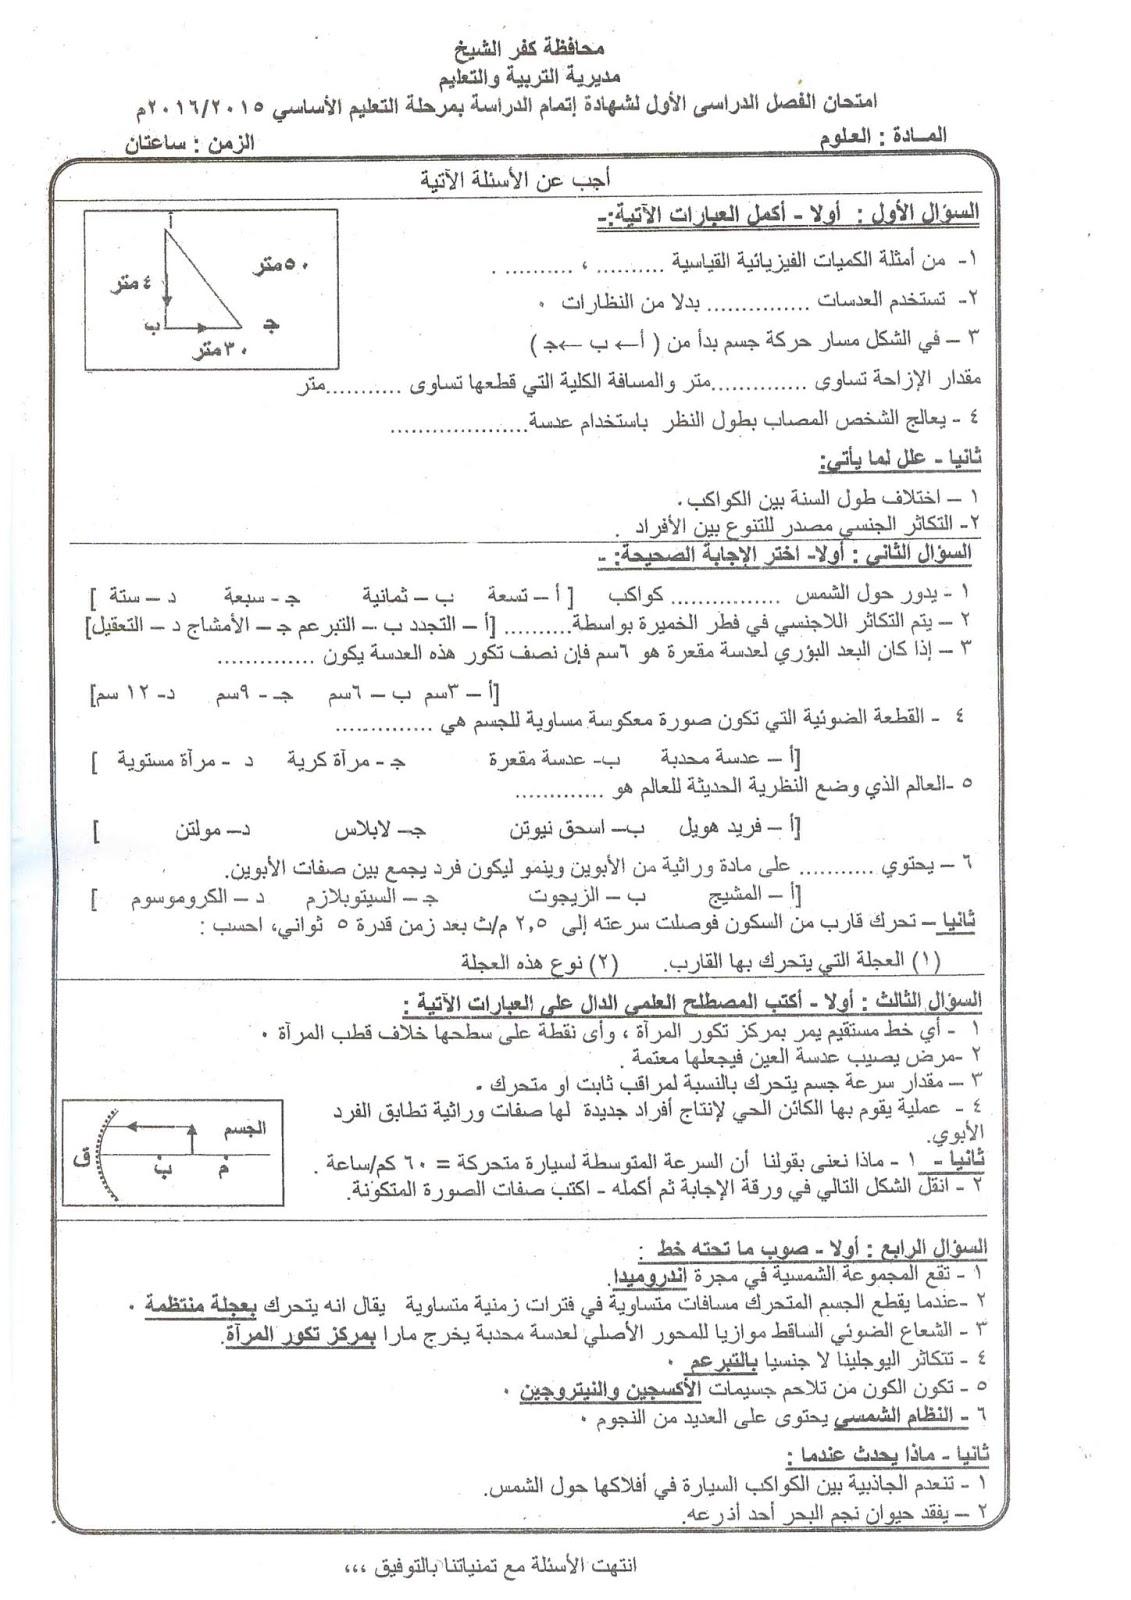 تحميل امتحان العلوم الترم الأول للصف الثالث الاعدادي